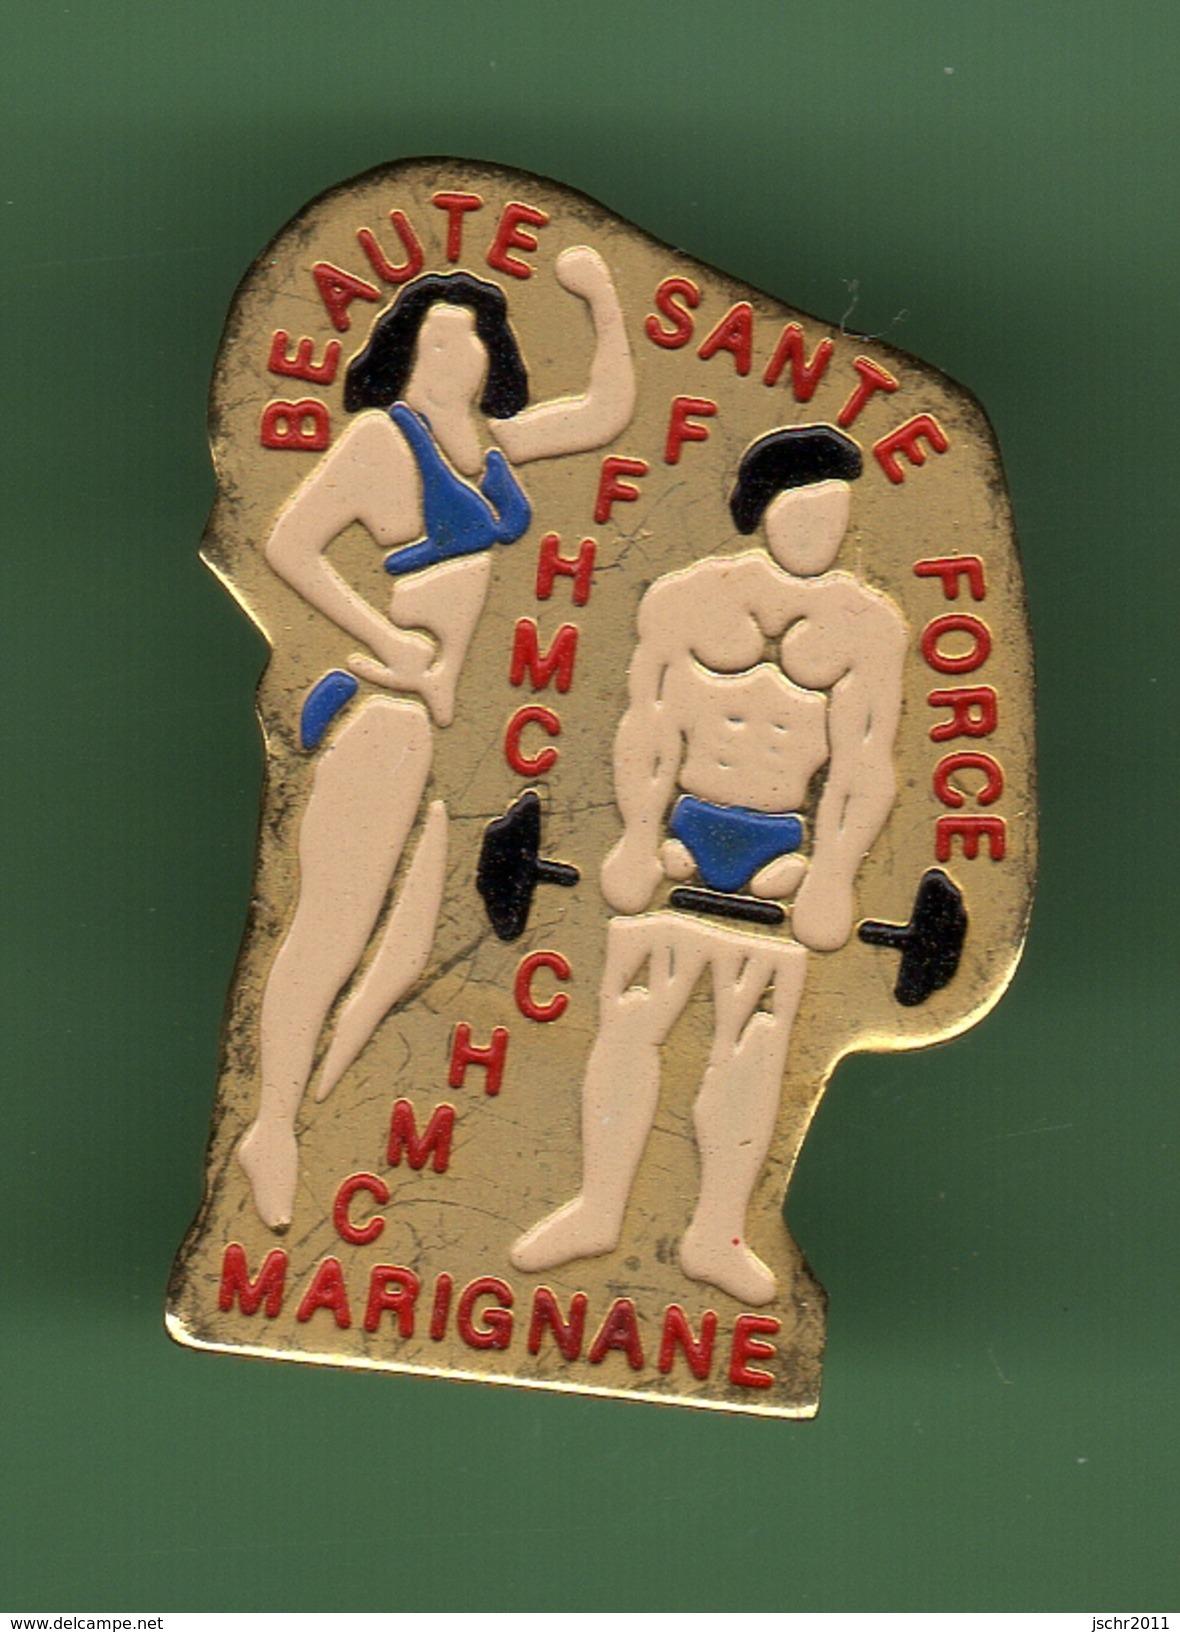 BODYBUILDING *** MARIGNANE *** 0058 - Weightlifting